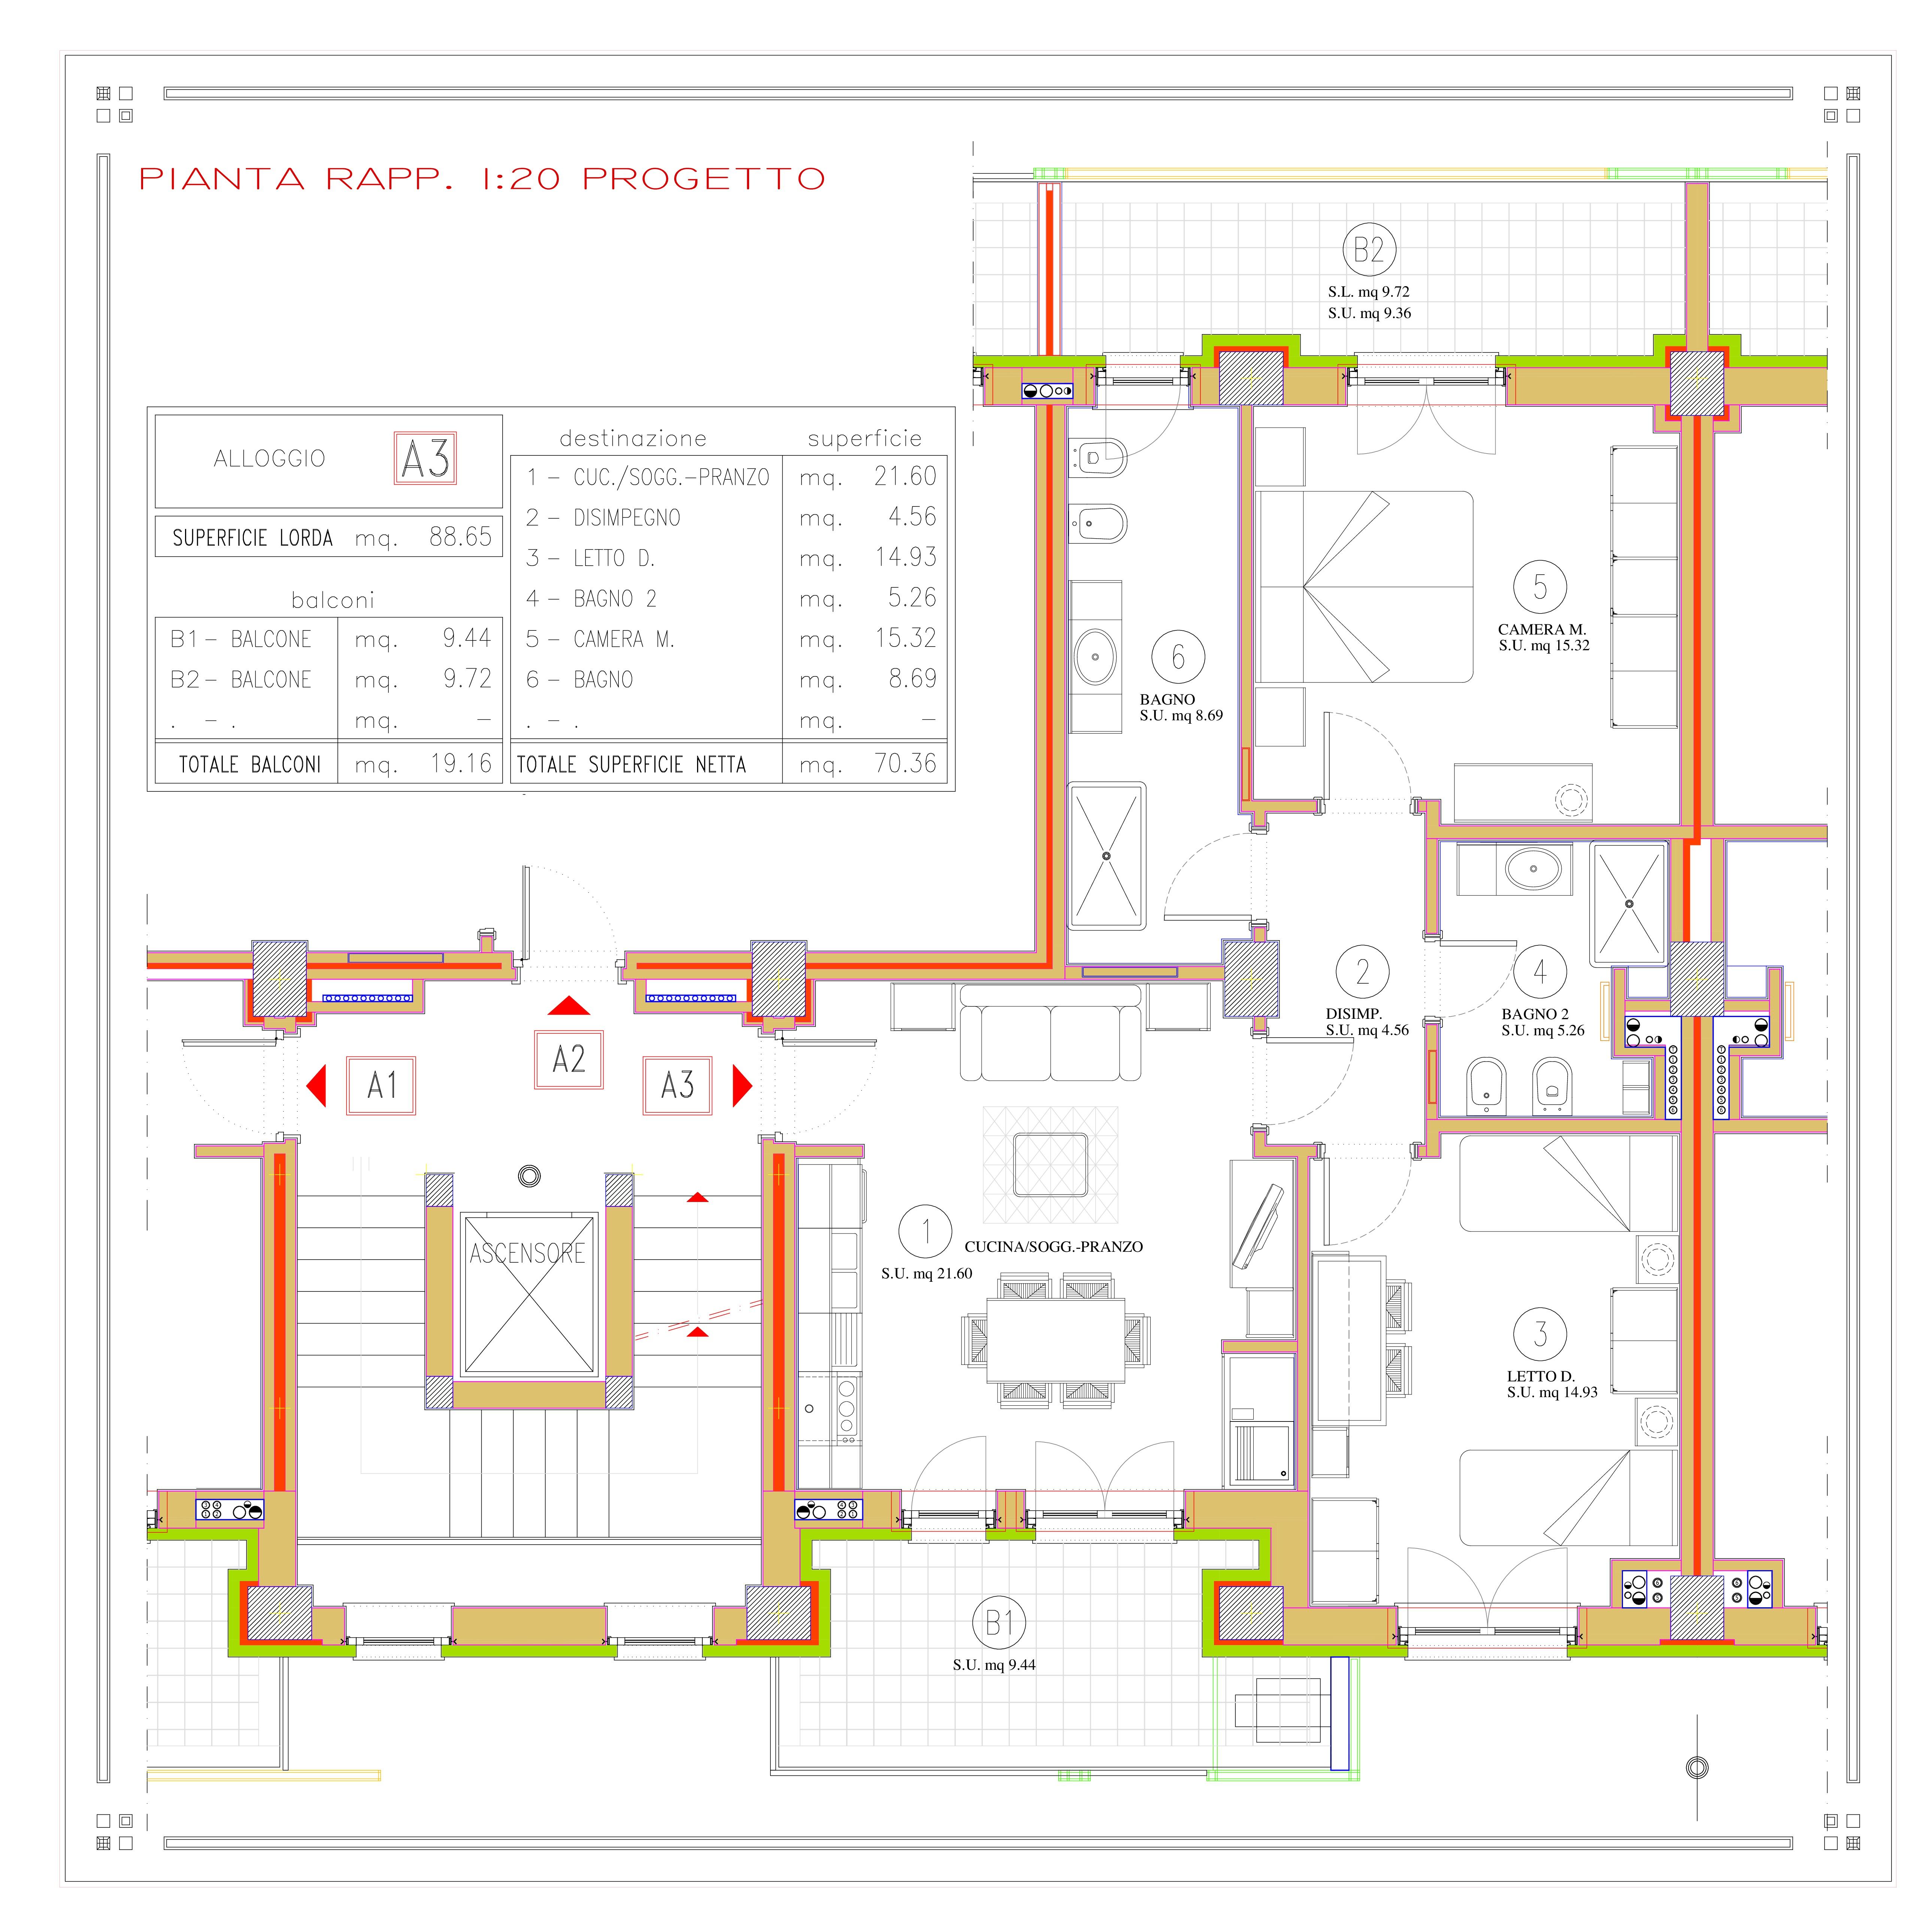 DIVISIONE APPARTAMENTO A3 (LORDI E NETTI) quota 819 (821.75)-001